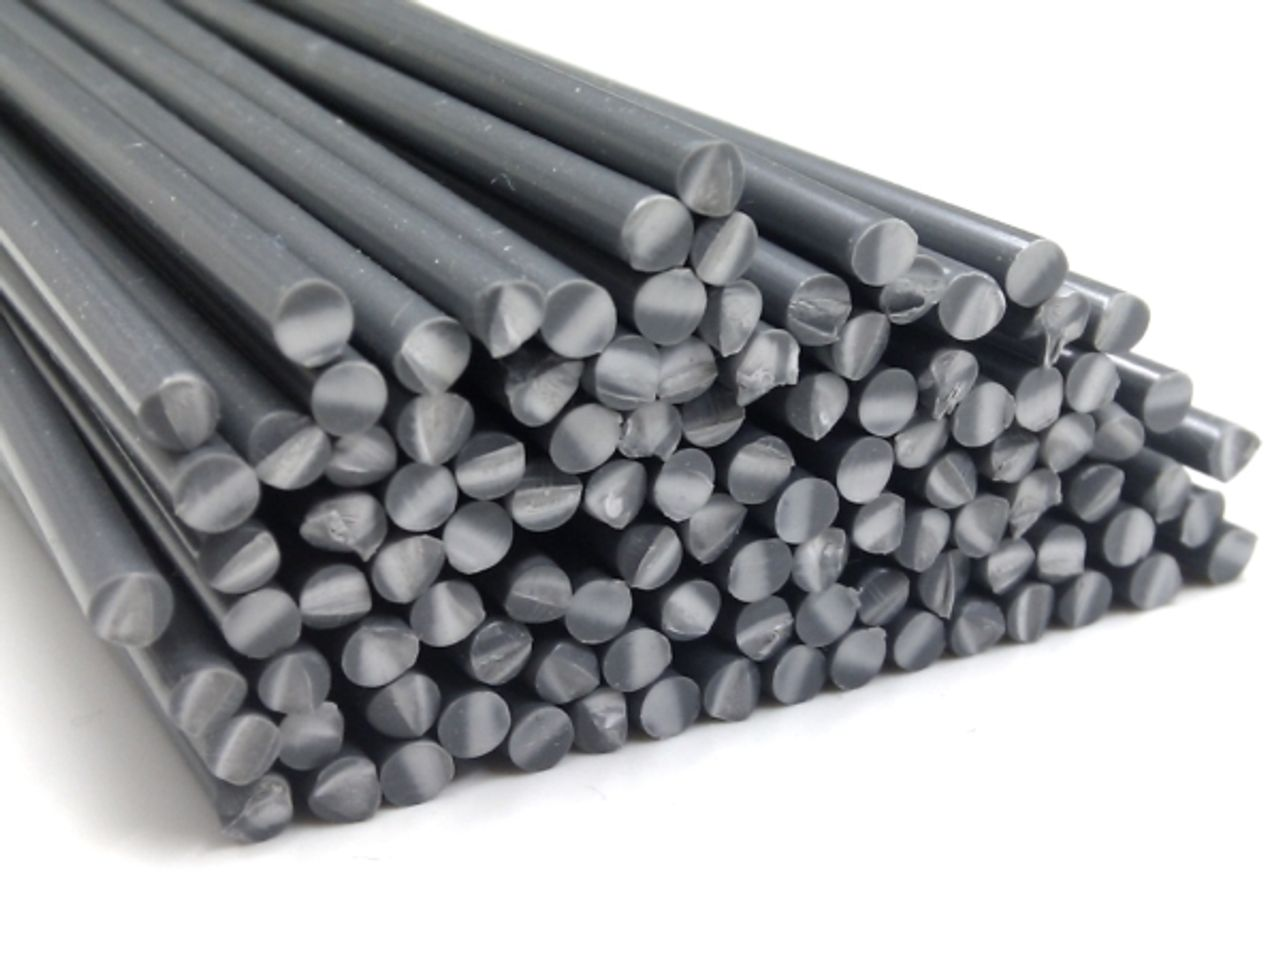 PVC-U (Polyvinylchloride) lasdraad